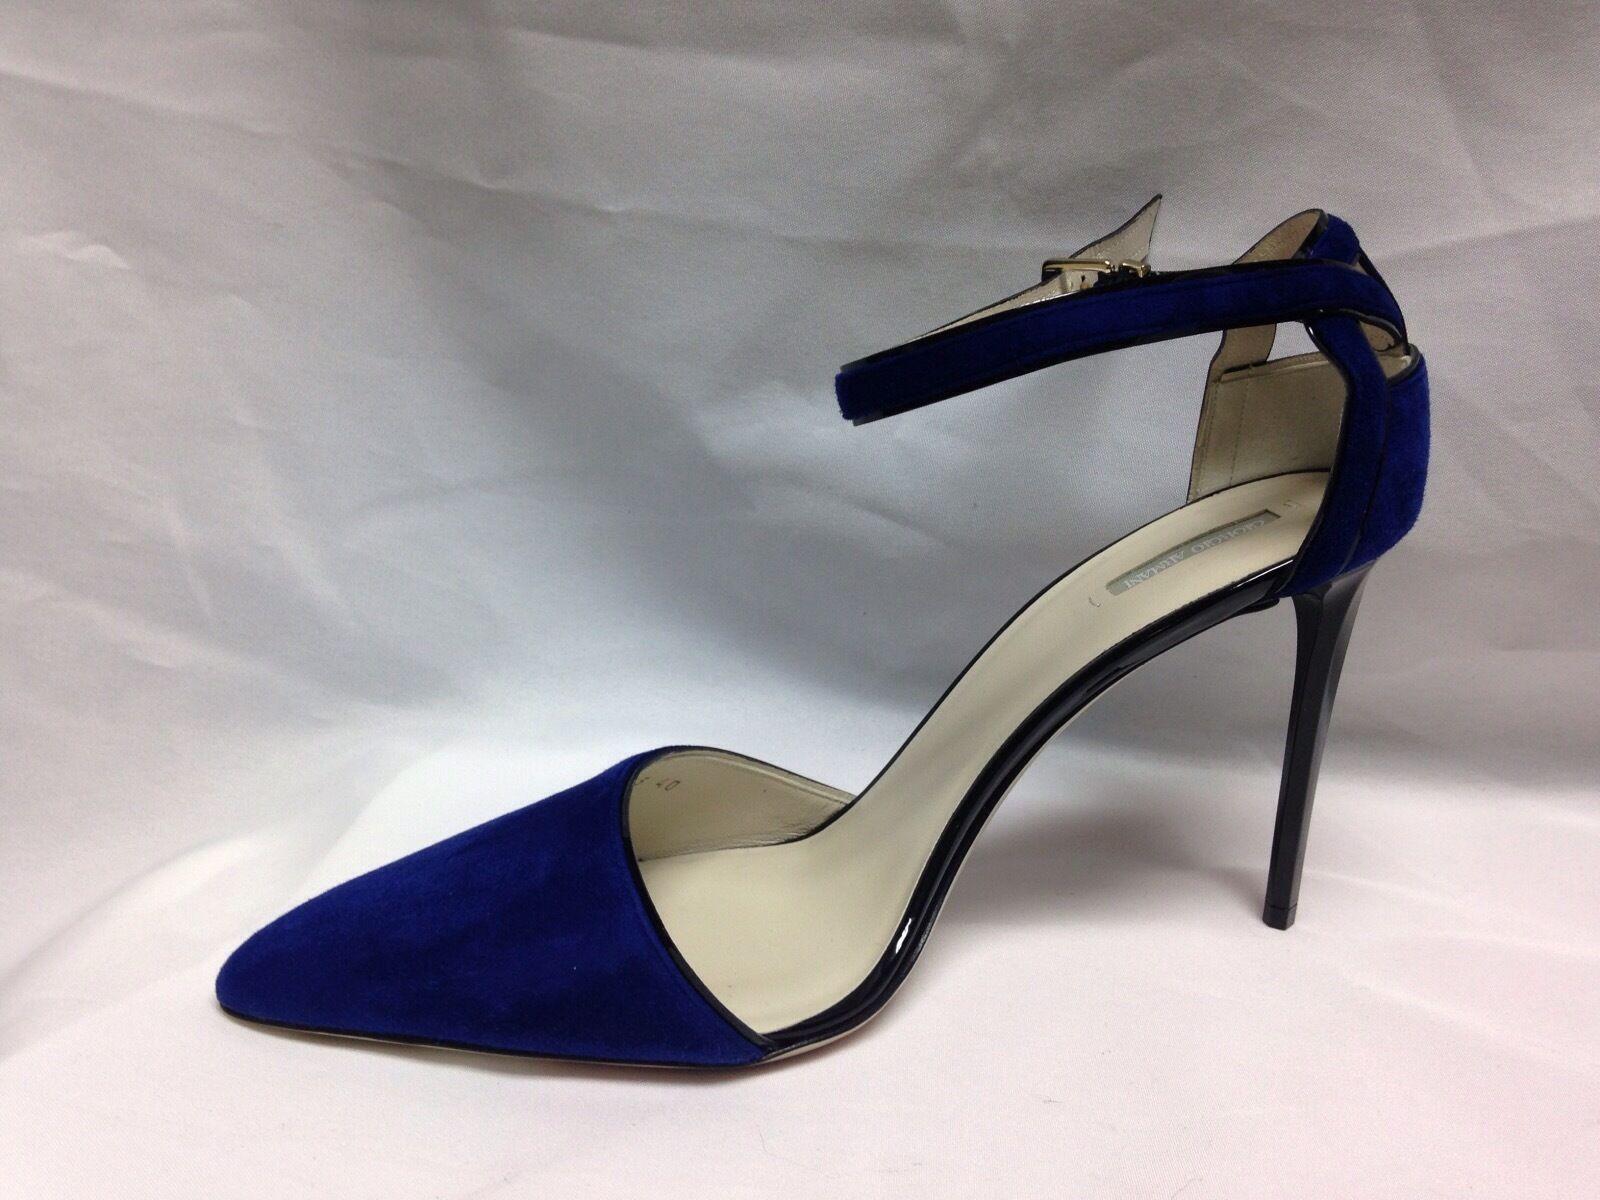 Giorgio Armani Ankle Strap Suede Suede Strap Heels  X1E563 40  Ink/Nero New w/ Box 46edc8